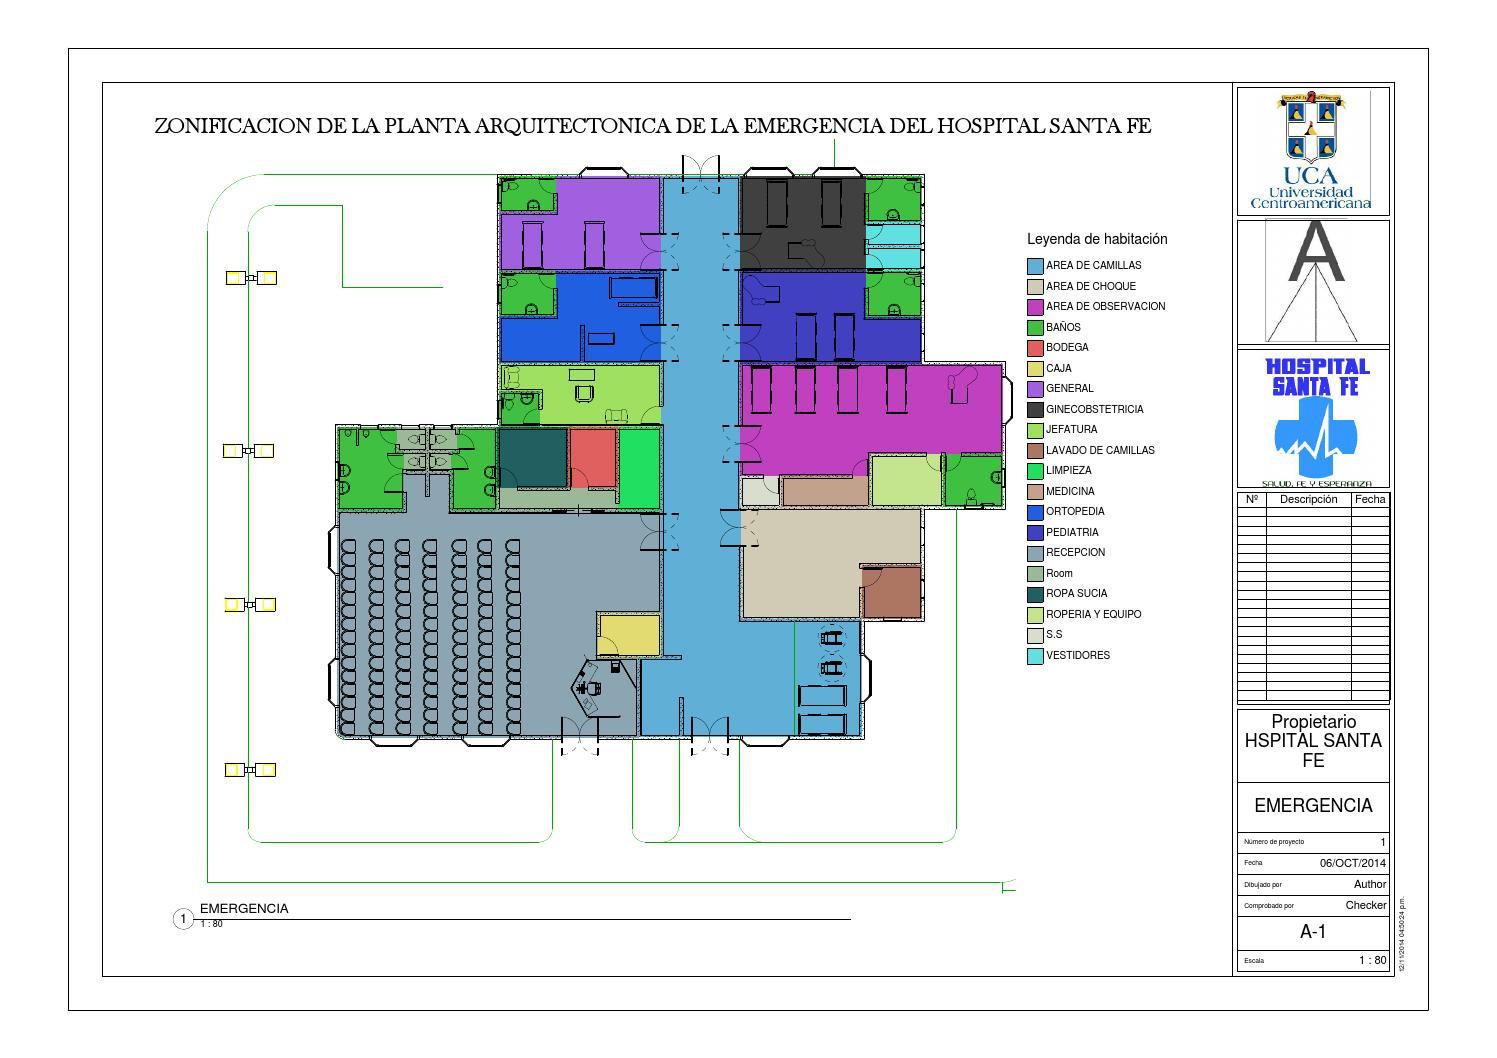 Zonificacion de la planta de emergencia by ariel calero for Zonificacion arquitectonica